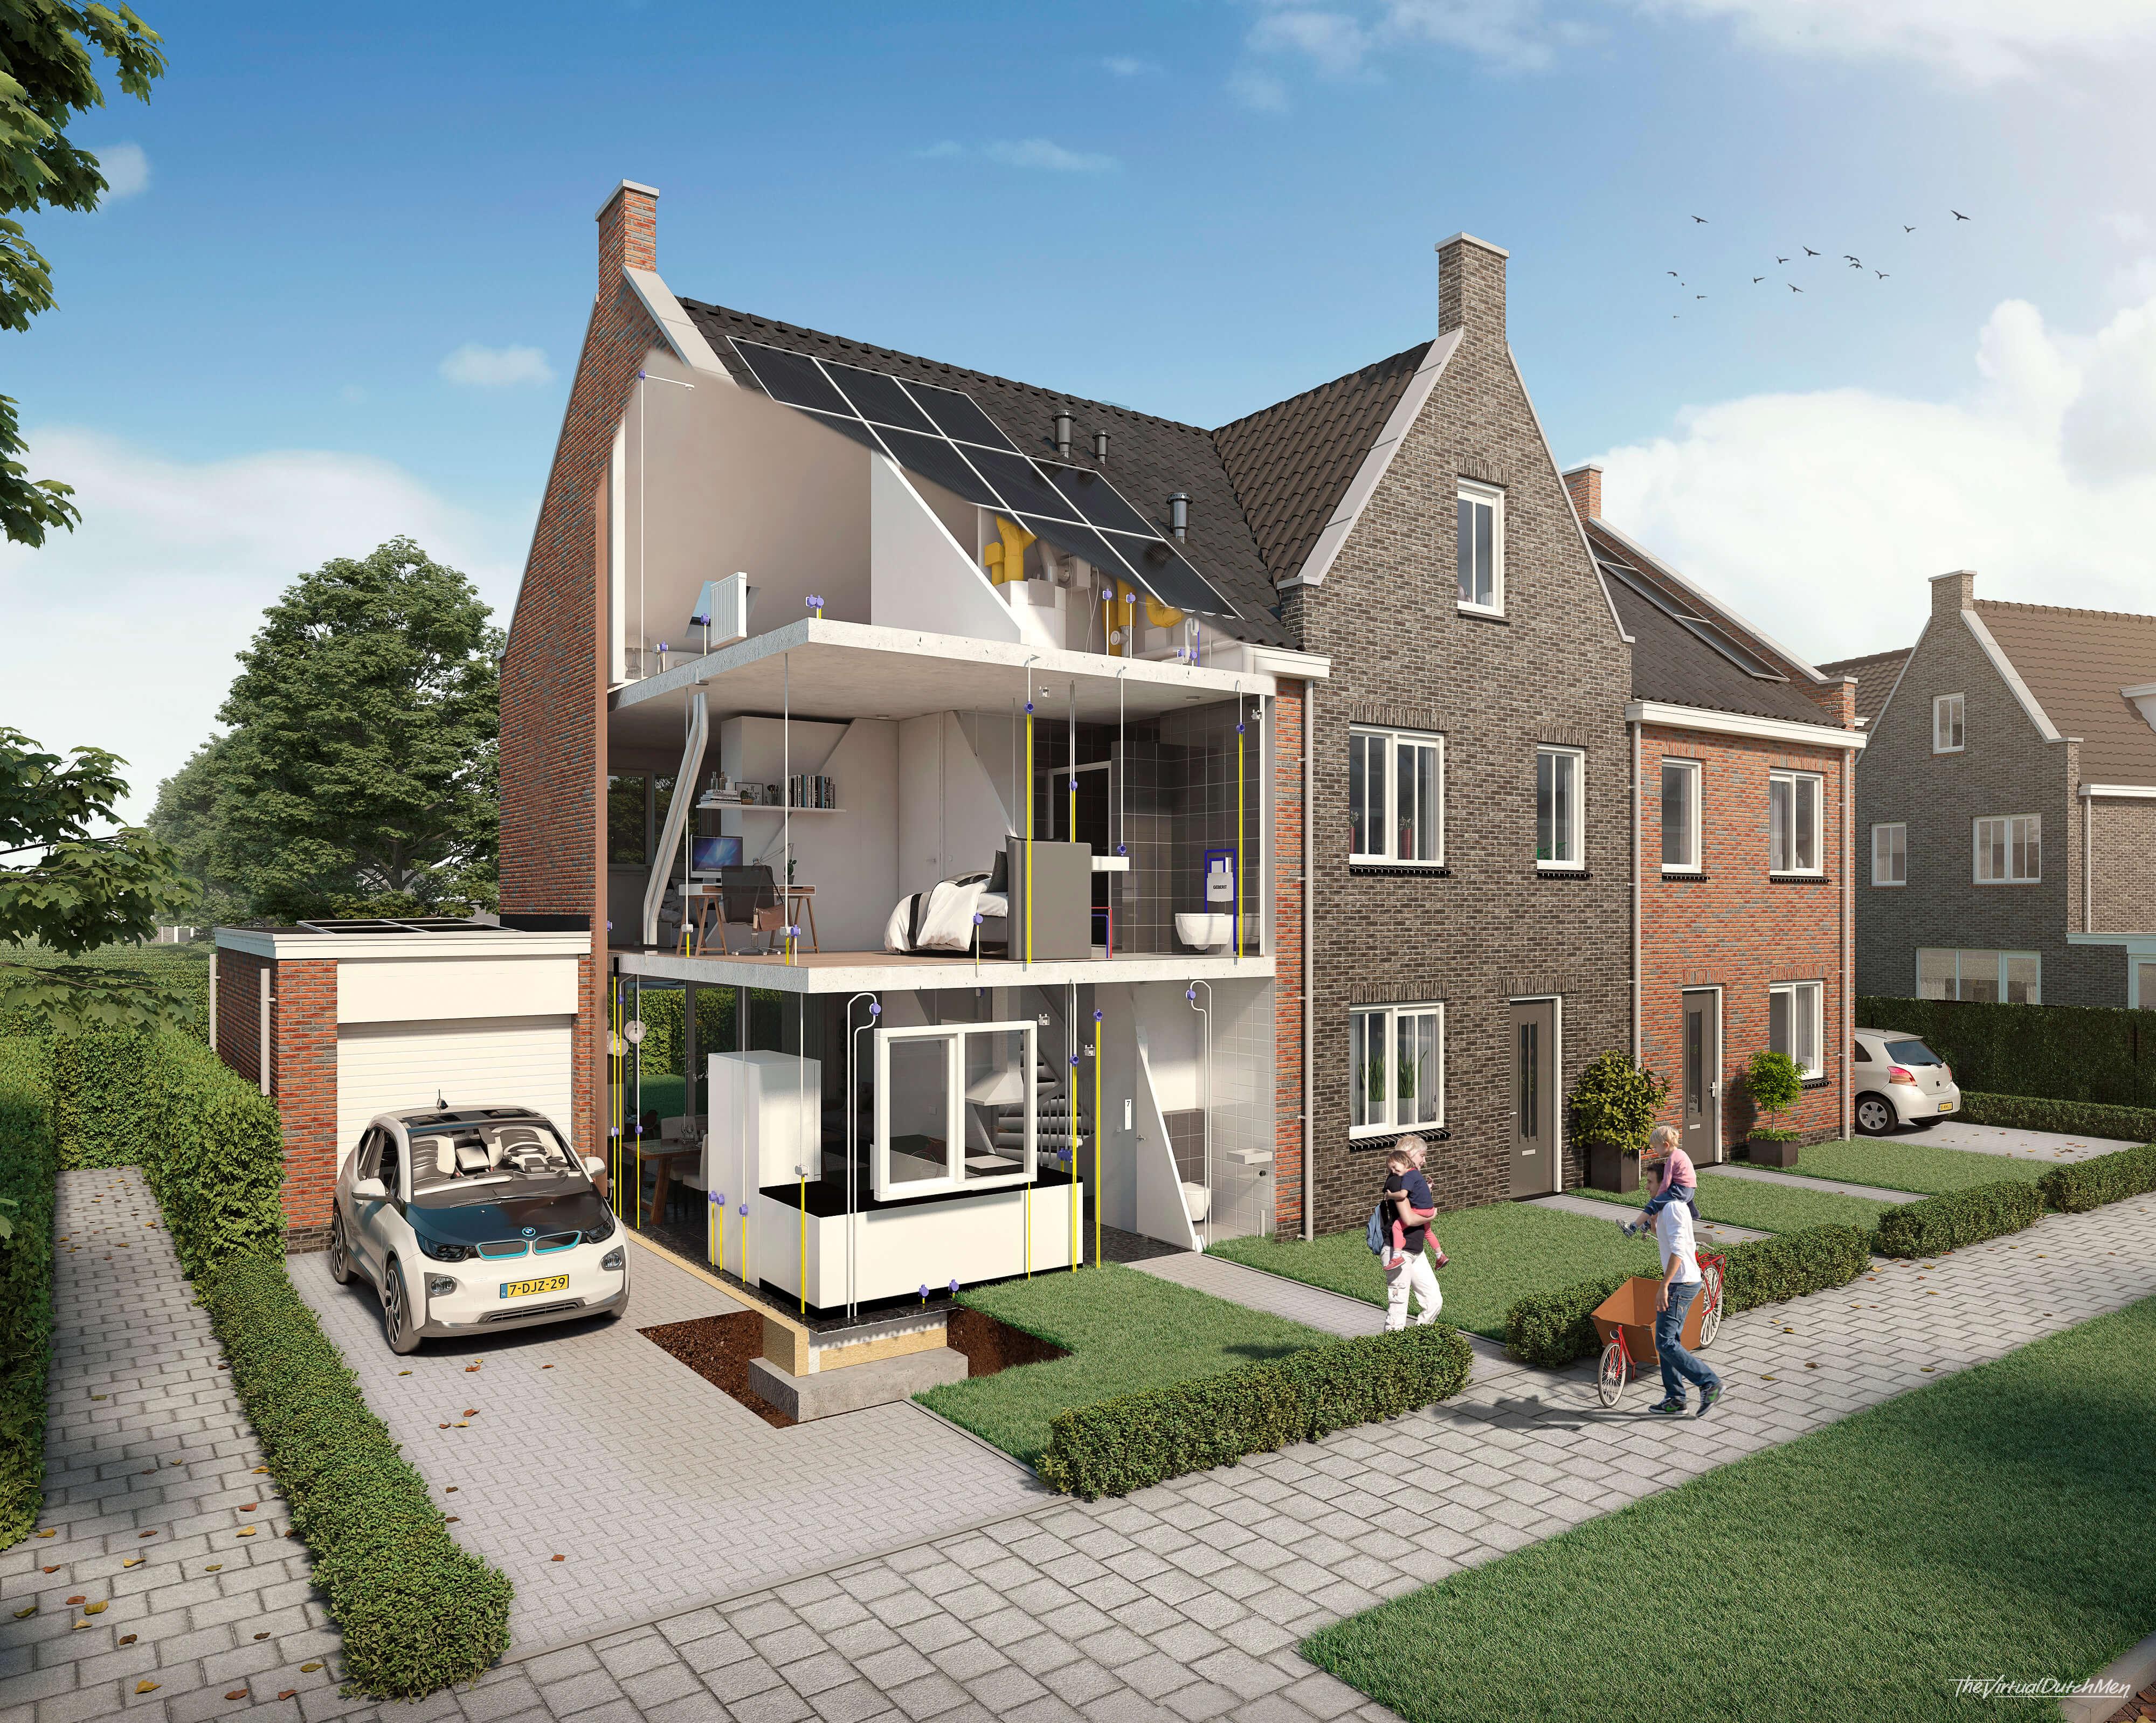 Innovathuis huis van de toekomst